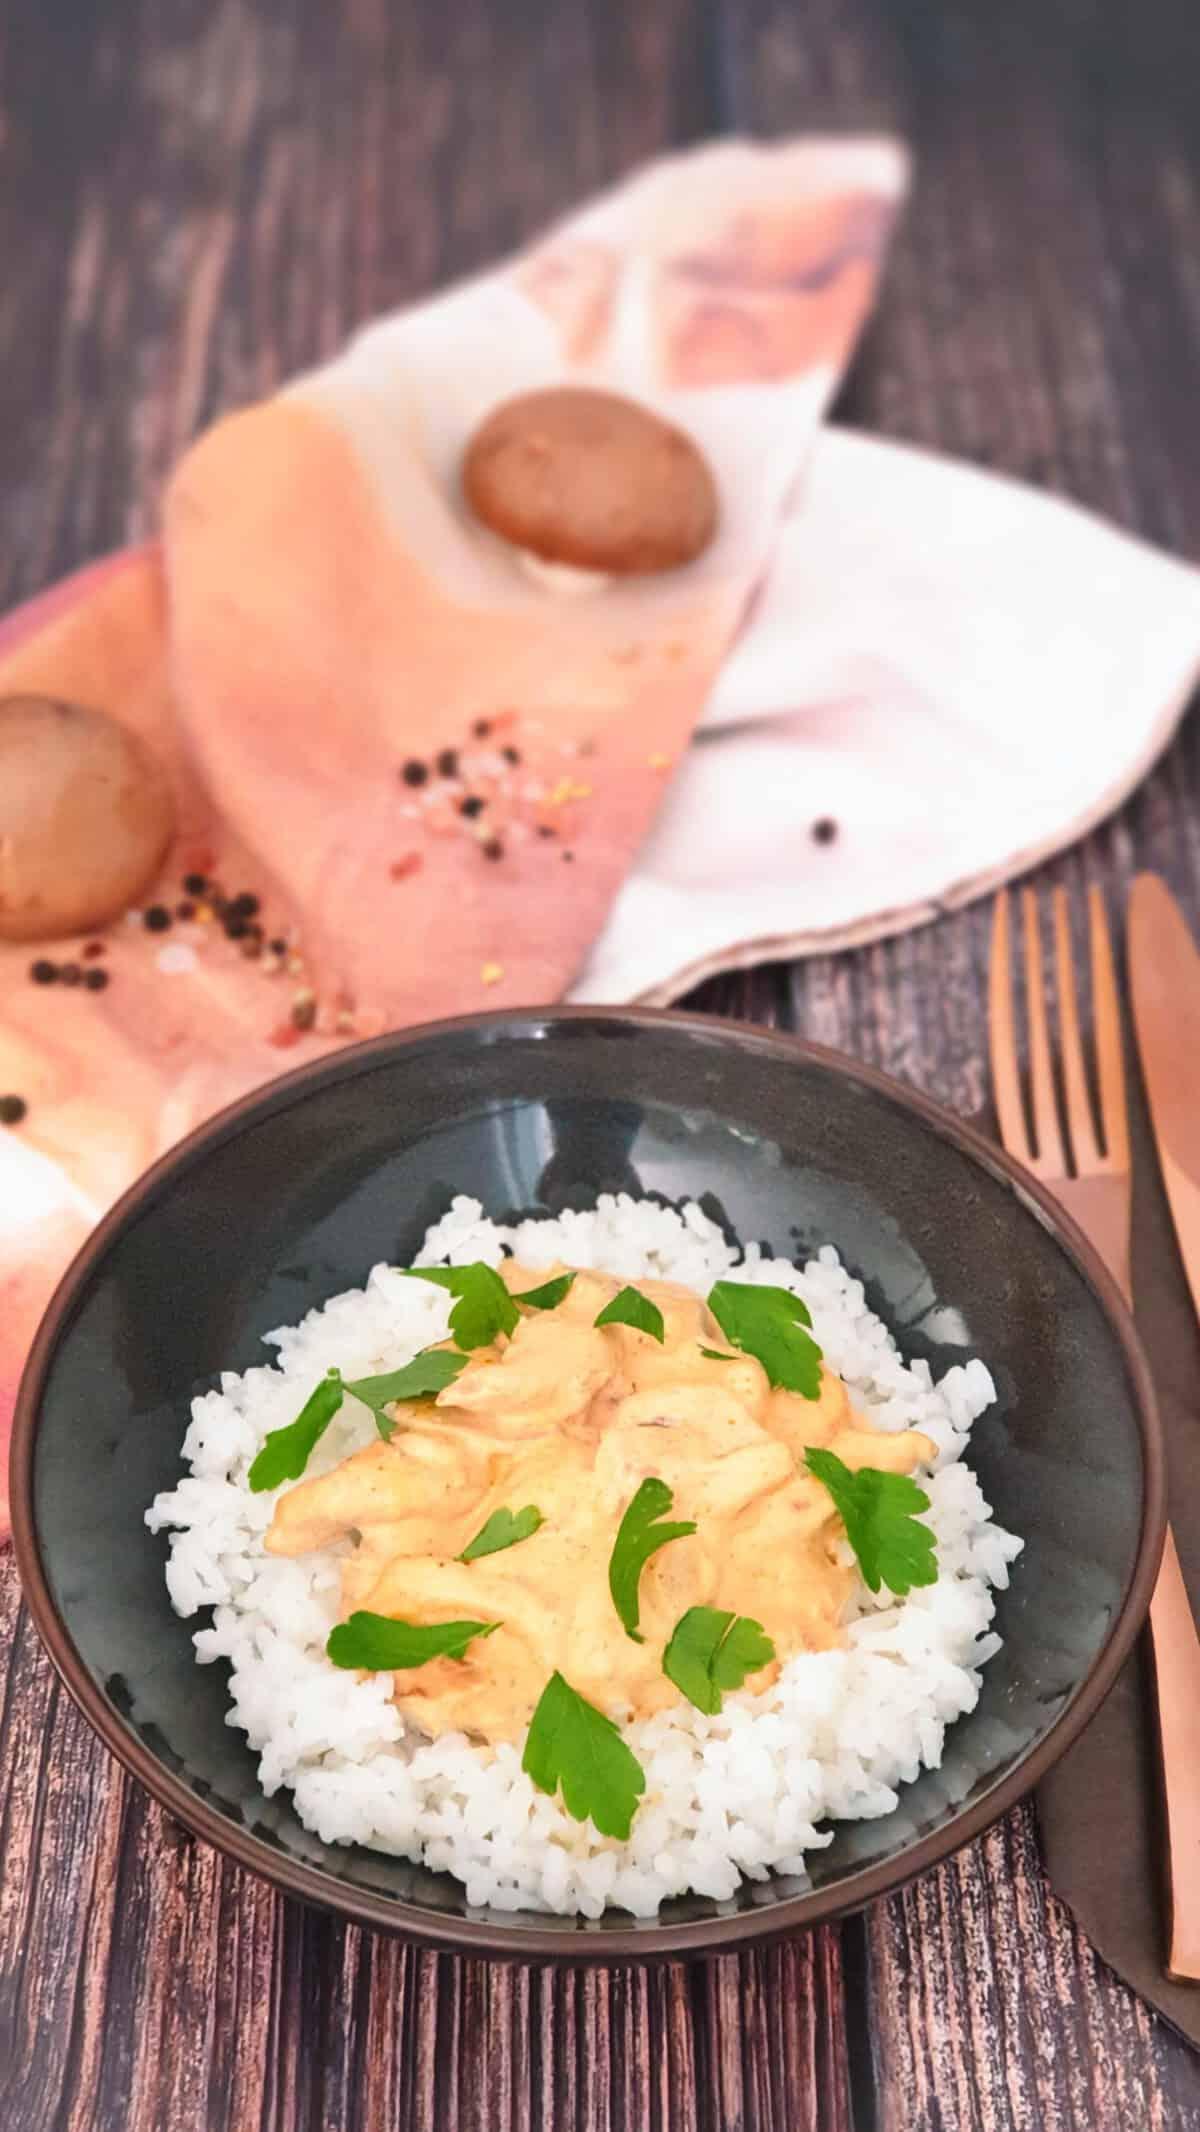 Reis mit Gyros-Metaxa Soße in einer braunen Schale angerichtet.